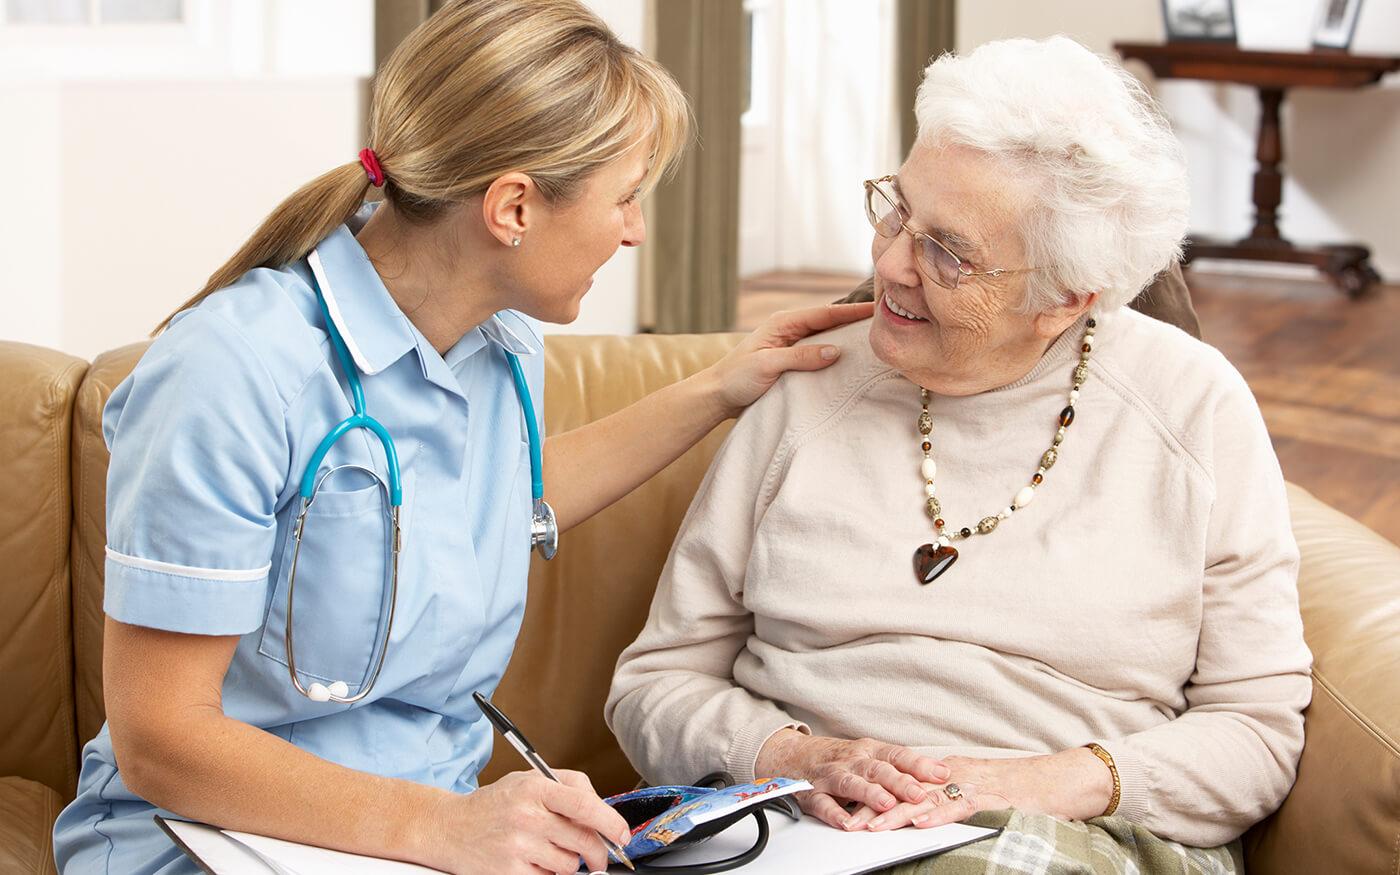 Узнаем что лечит врач-геронтолог?